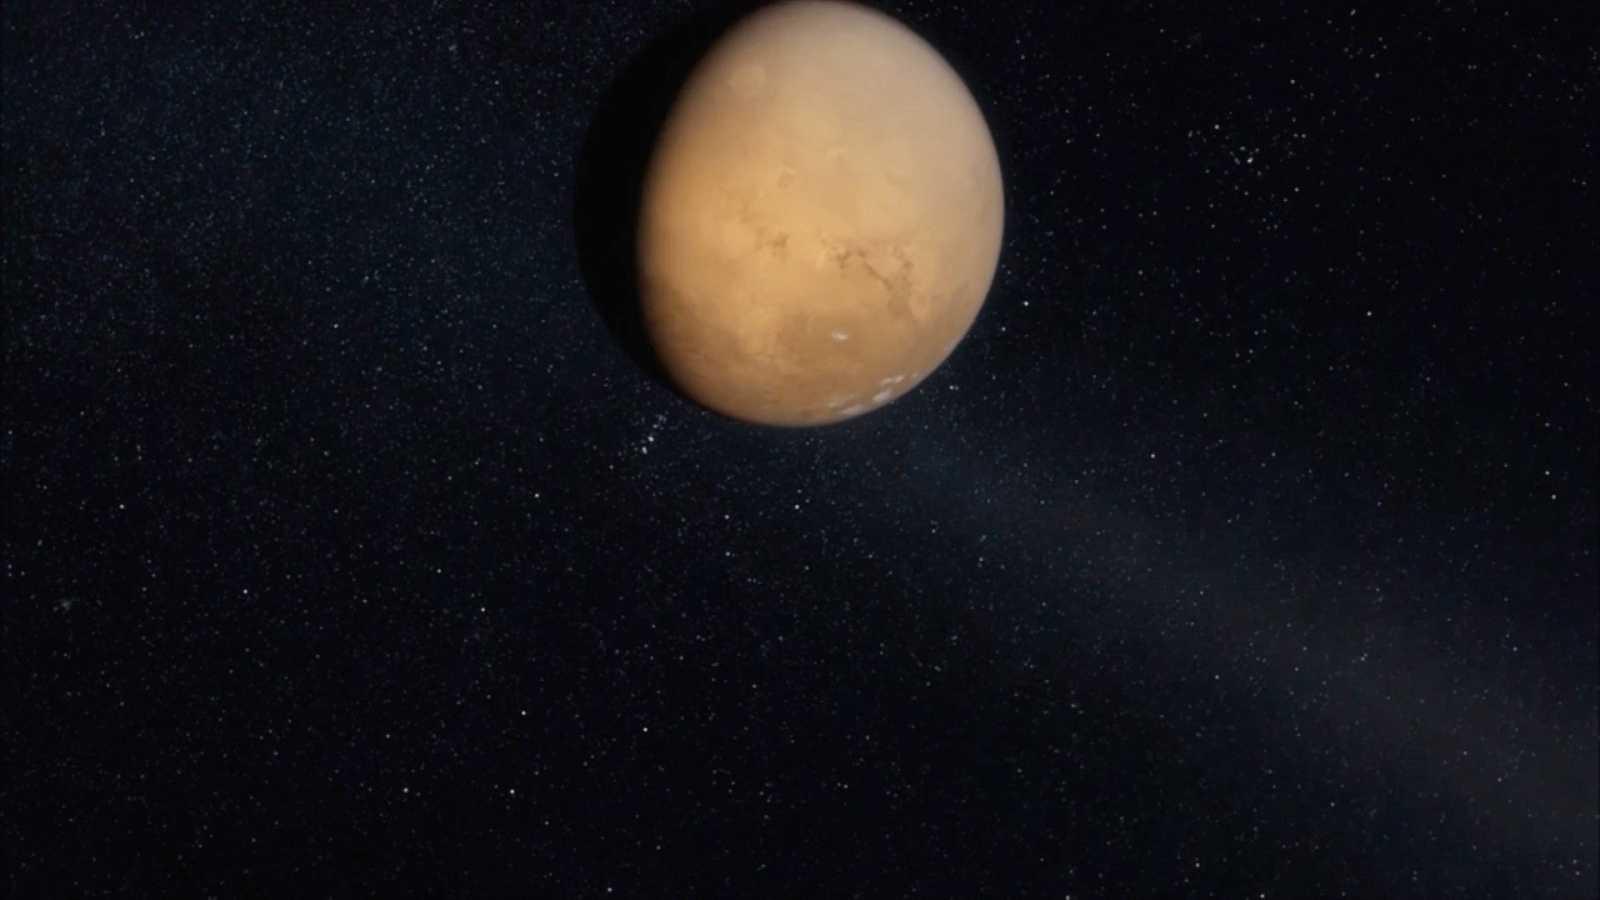 ¡AI, Ai, AI! Inteligencia Artificial - ¿Vamos a vivir en Marte?